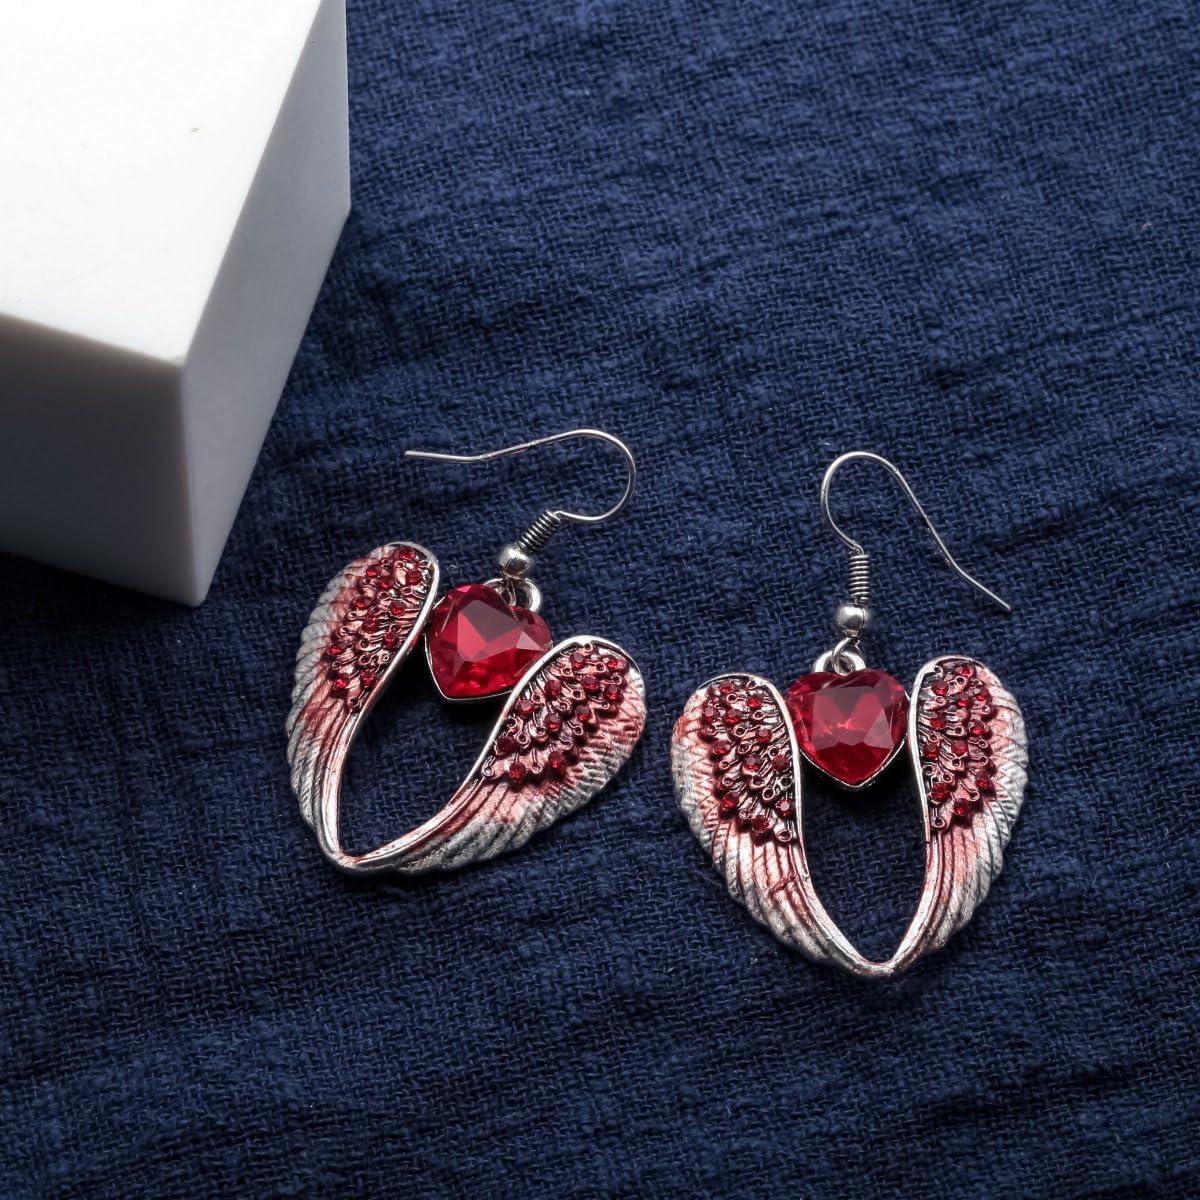 2 1//4 inch Szxc Womens Crystal Guardian Angel Wings Hypoallergenic Dangle Earrings Biker Jewelry